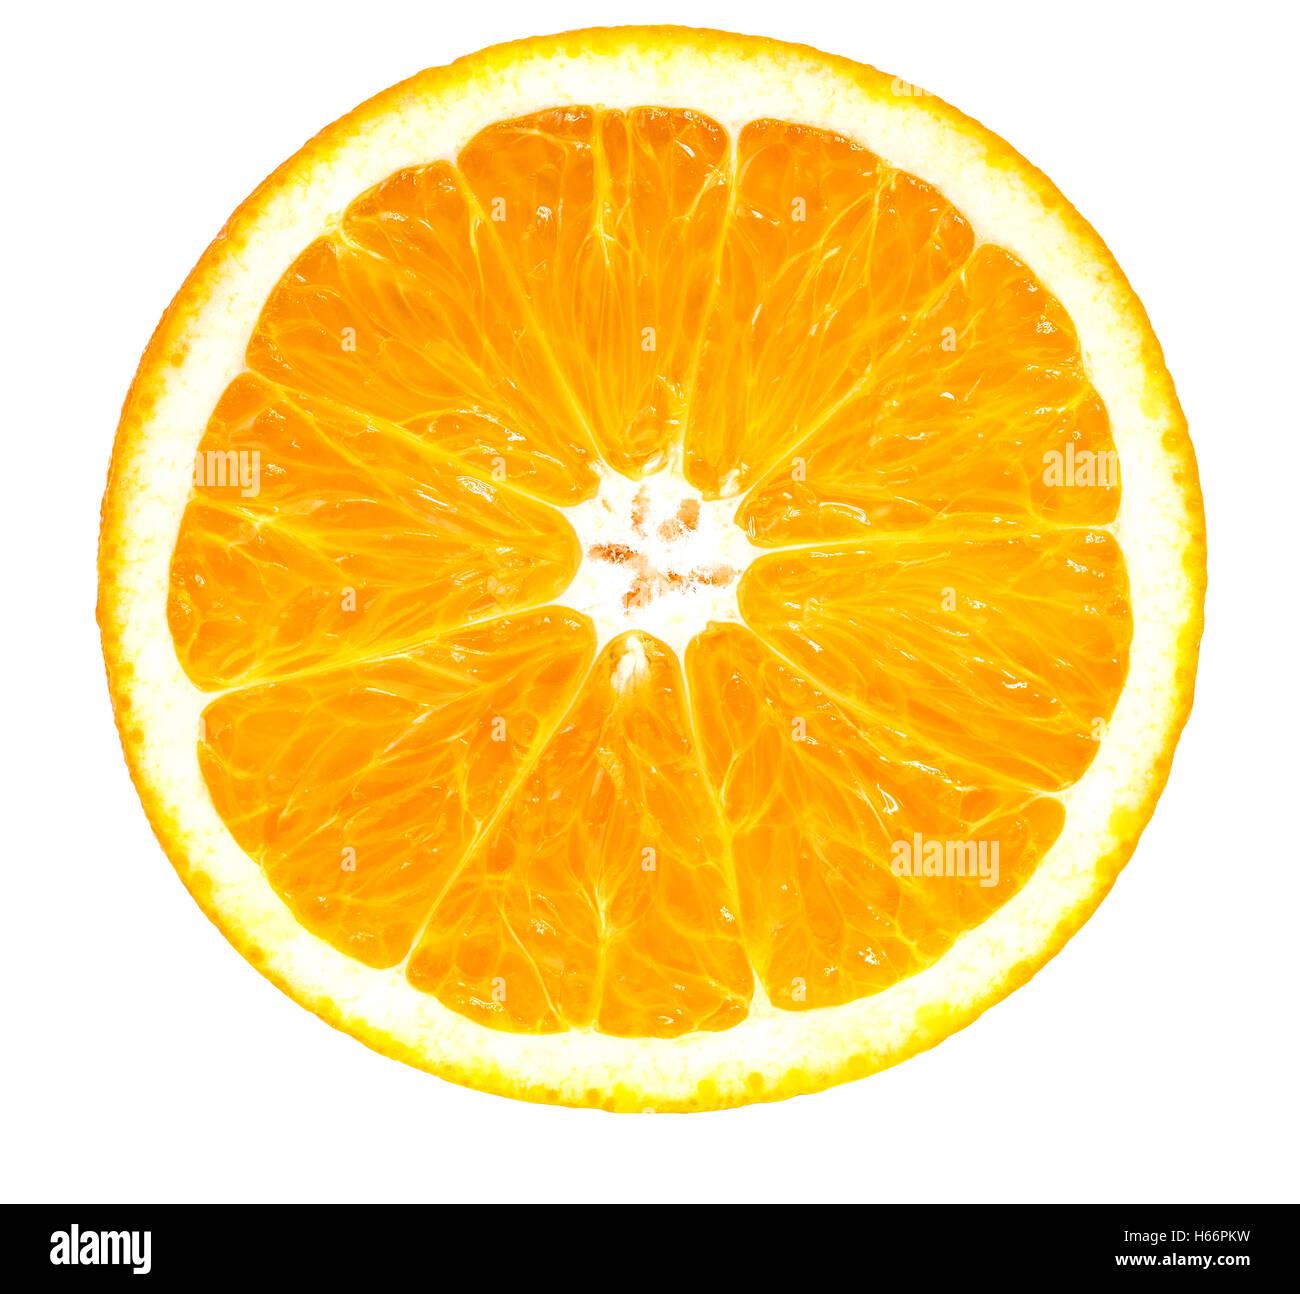 oranges isolated on the white background - Stock Image